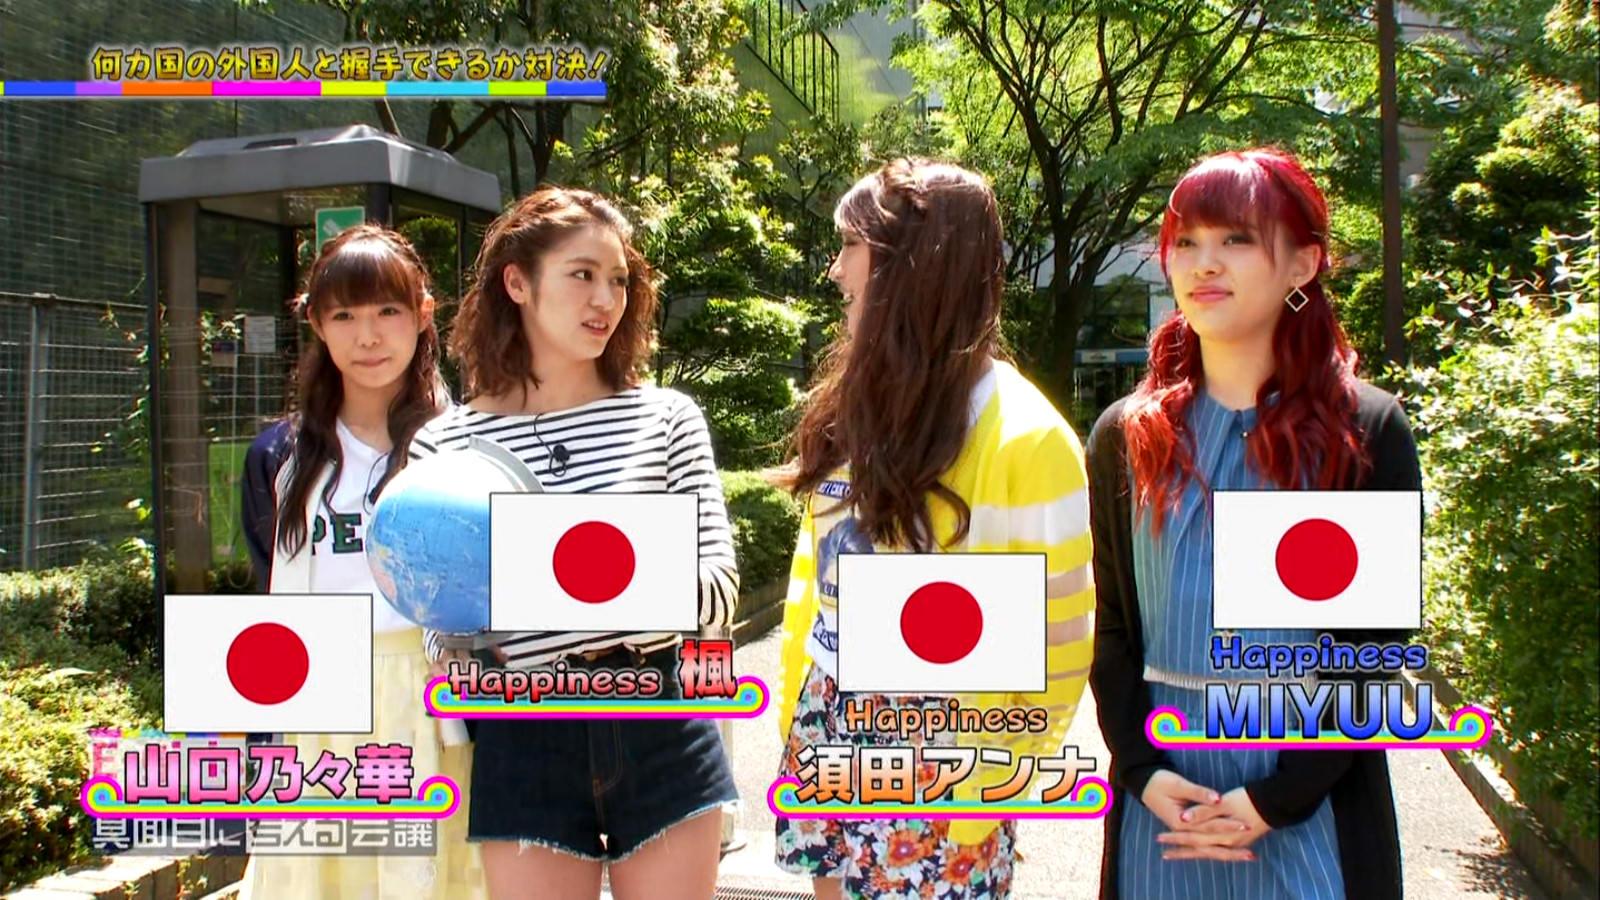 【画像】E-girlsの楓がショートパンツで尻チラ!山口乃々華がメンバーで1番可愛い